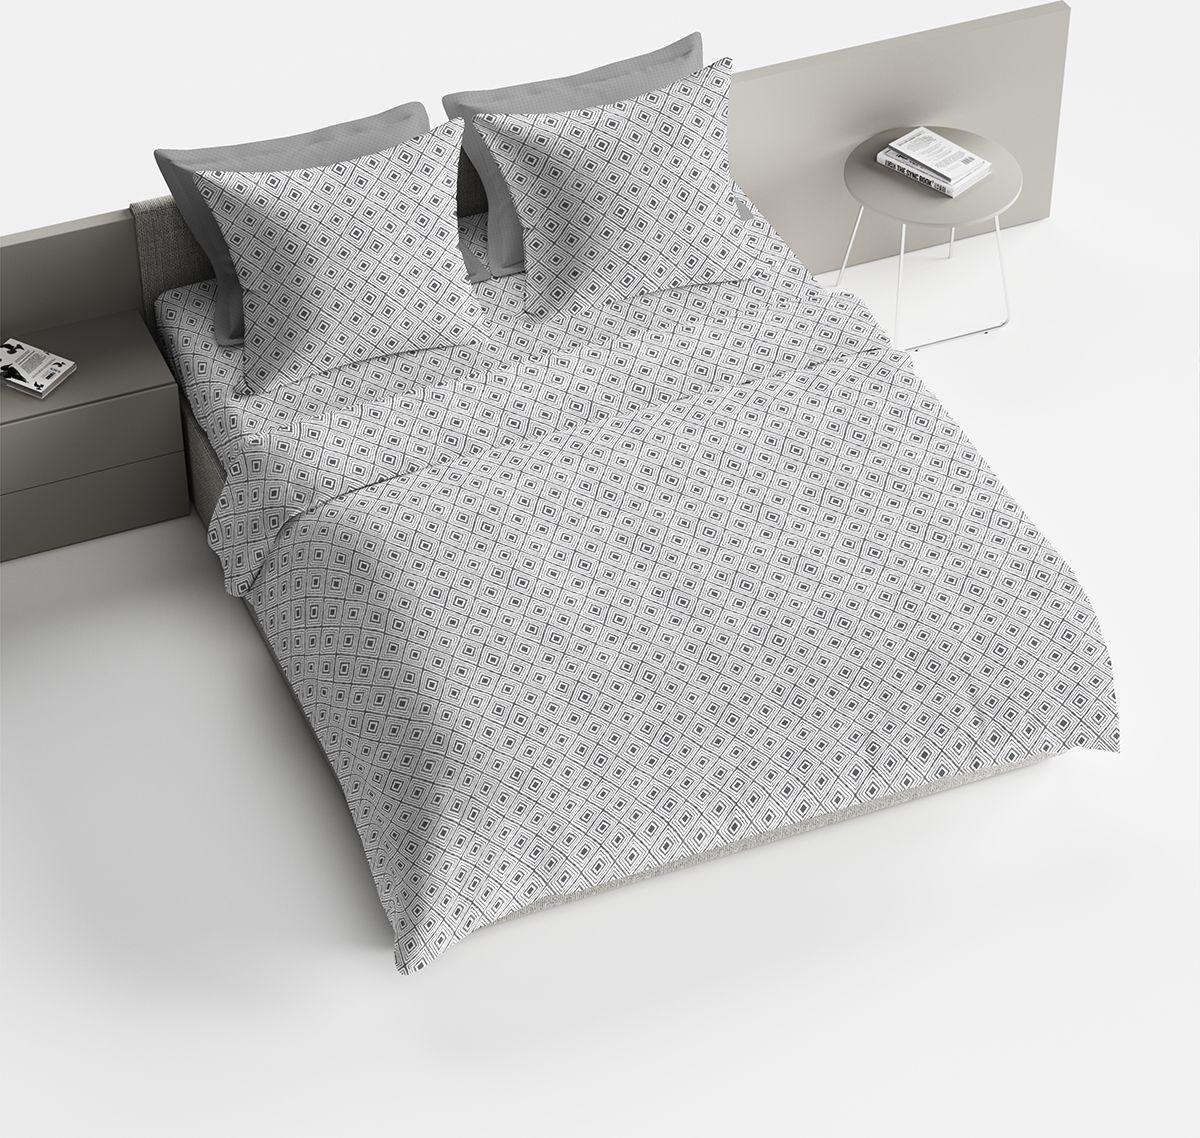 Комплект белья Браво Франко, семейный, наволочки 70x70, цвет: серый. 4096-189767